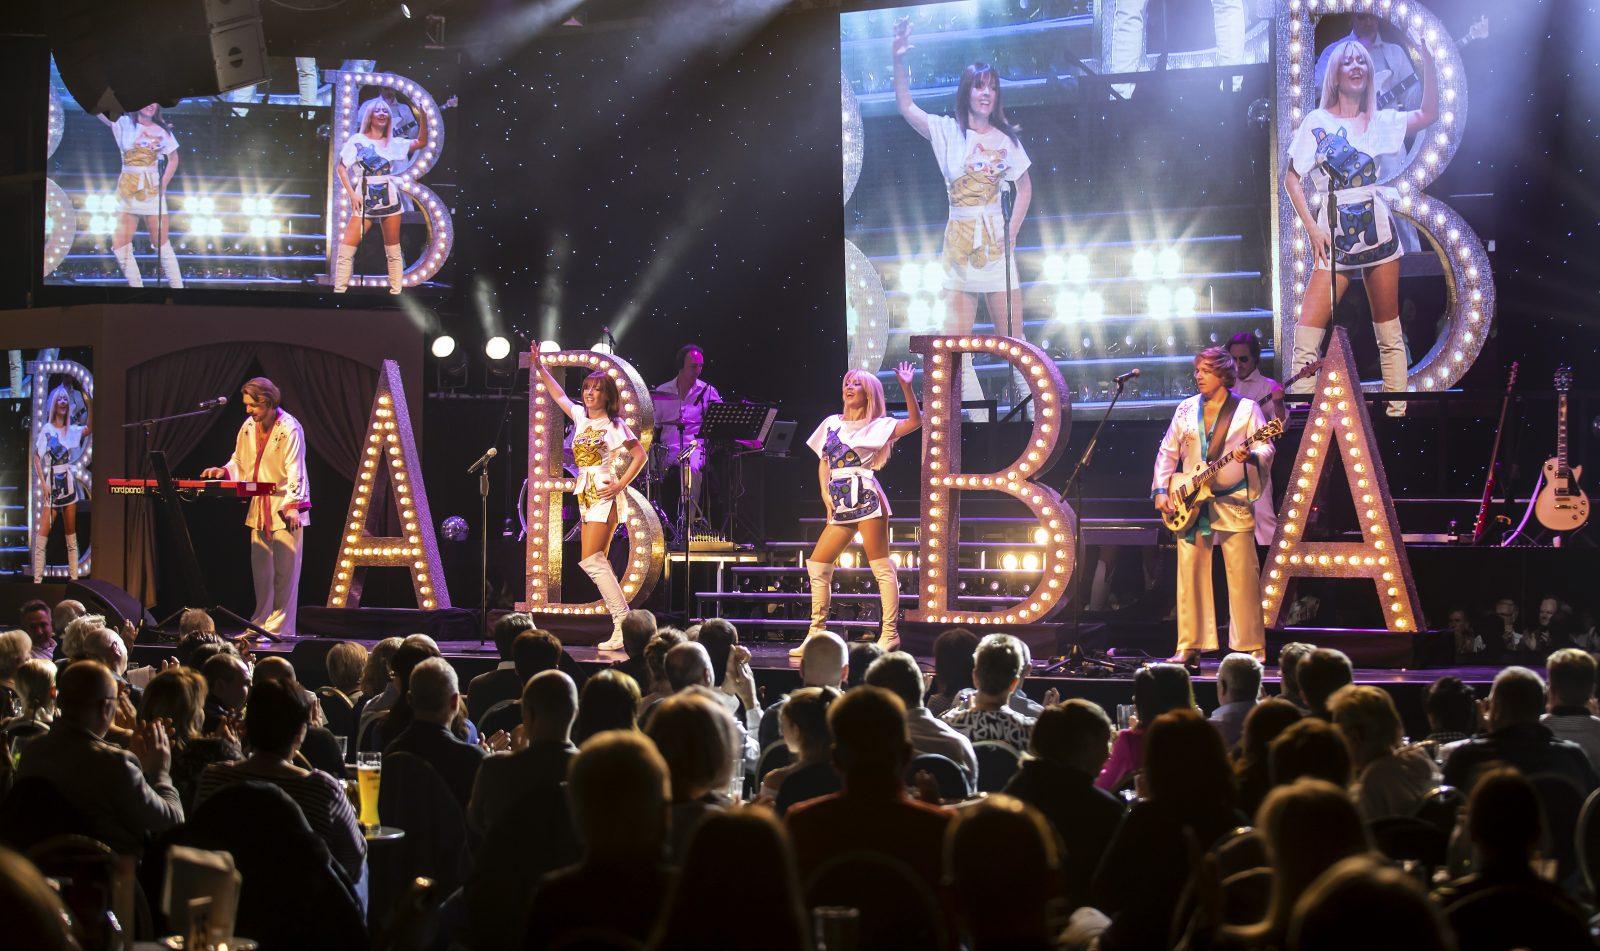 Stars in Concert im Showtheater des Estrel-Hotels